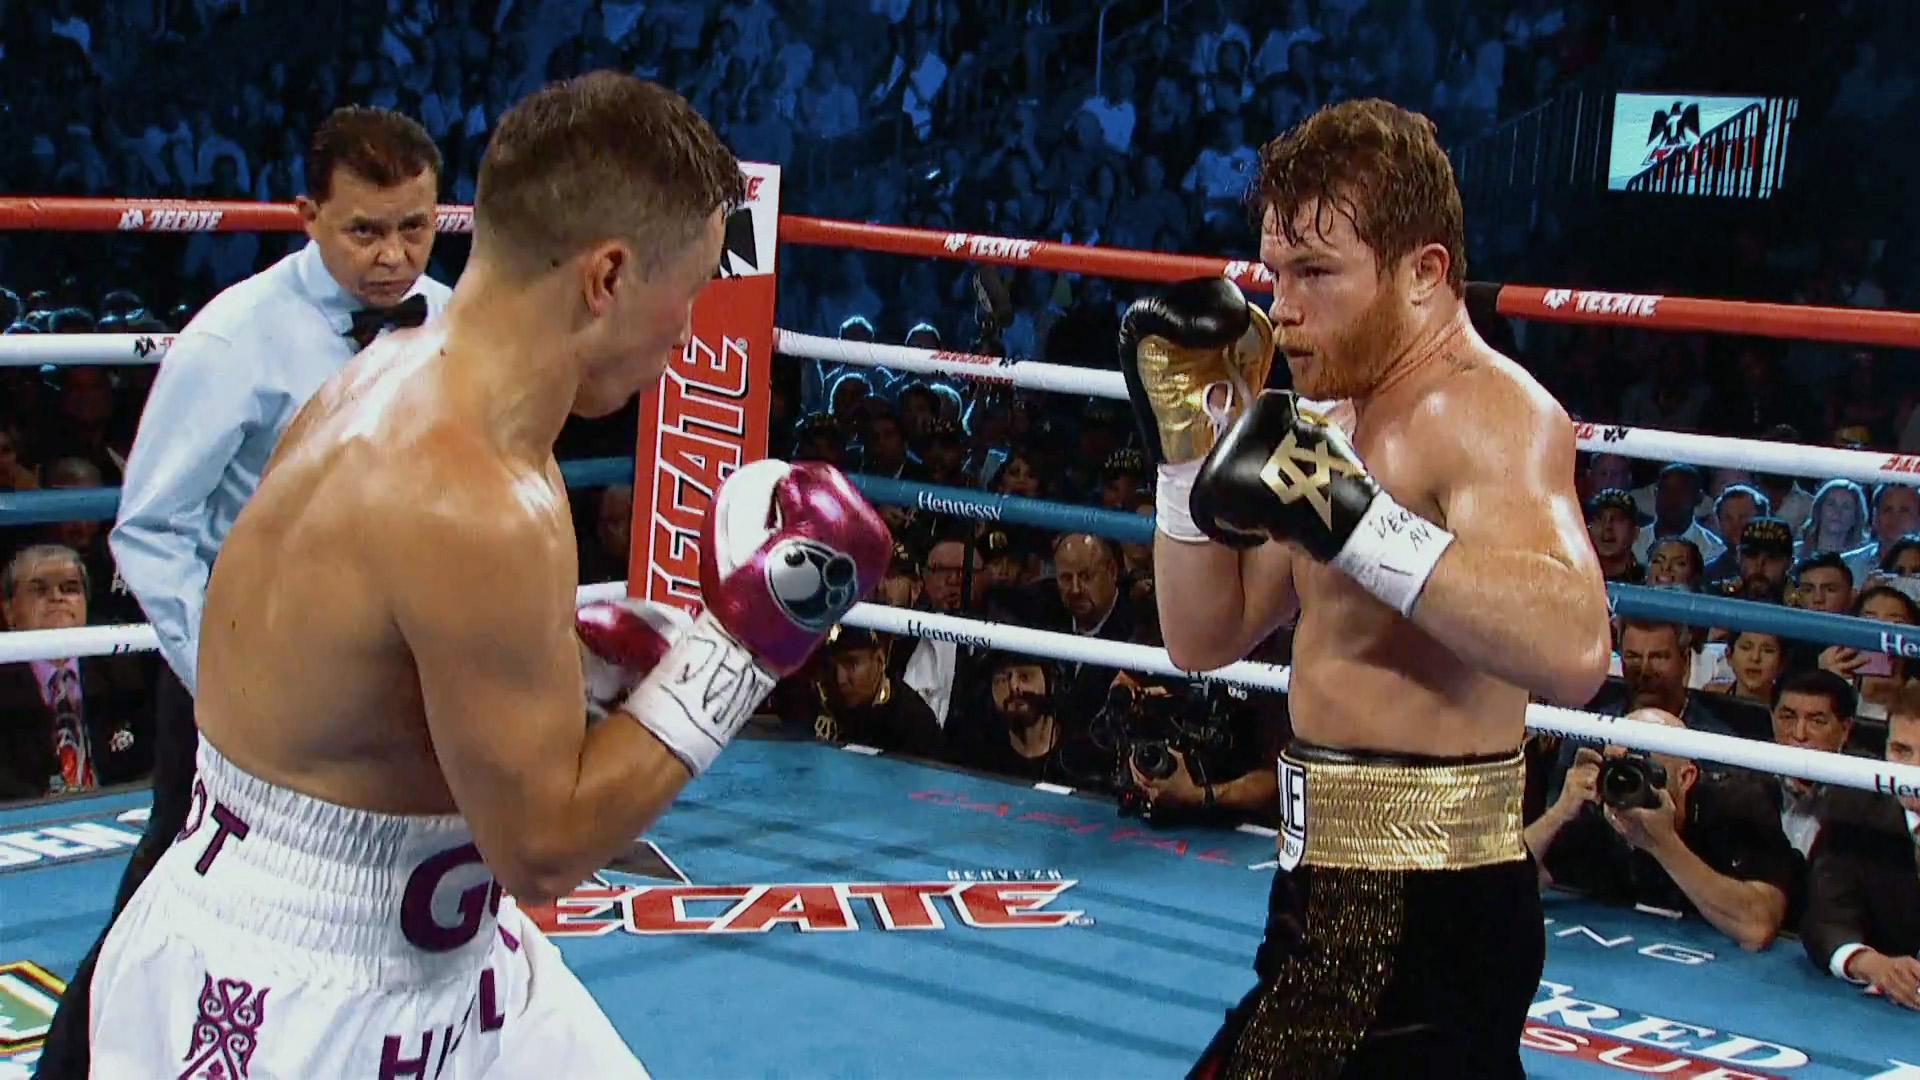 El Canelo-GGG 2 se coloca quinta de mayor recaudación en la historia del boxeo